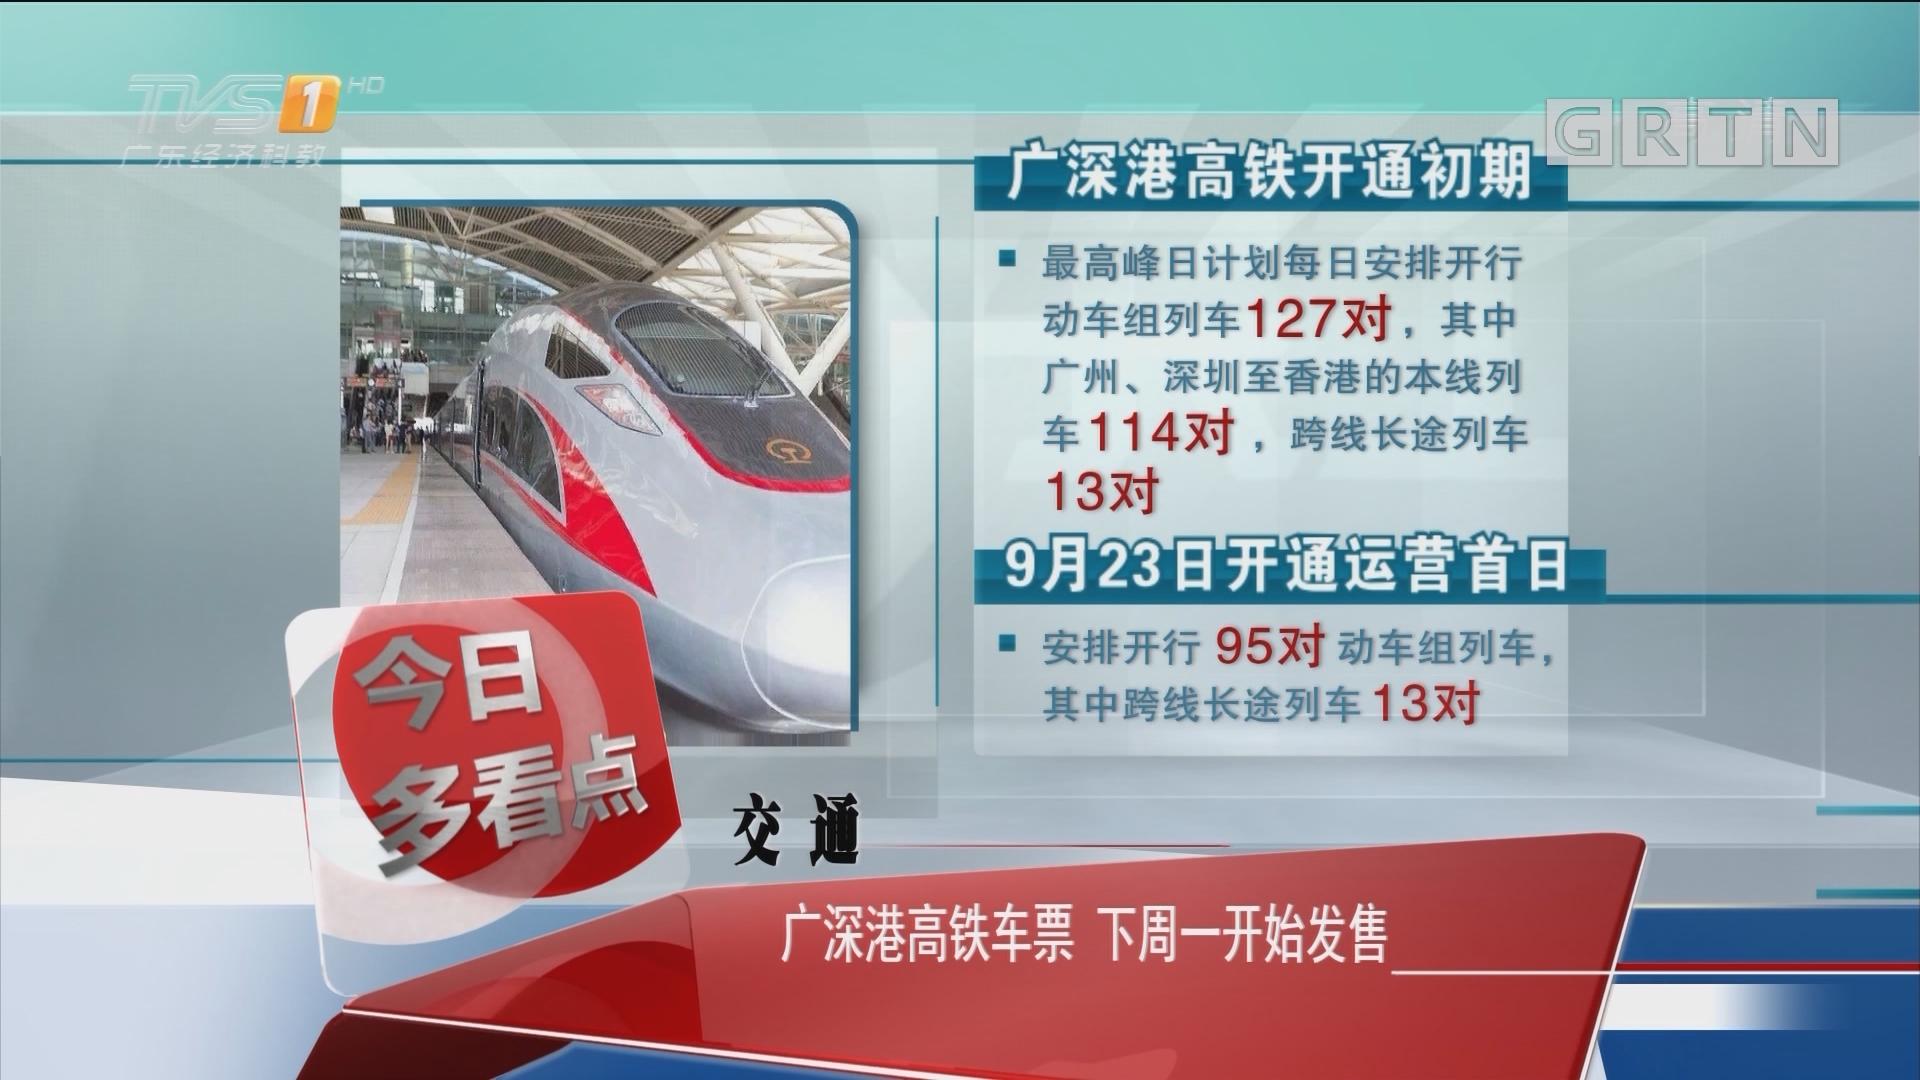 交通:广深港高铁车票 下周一开始发售